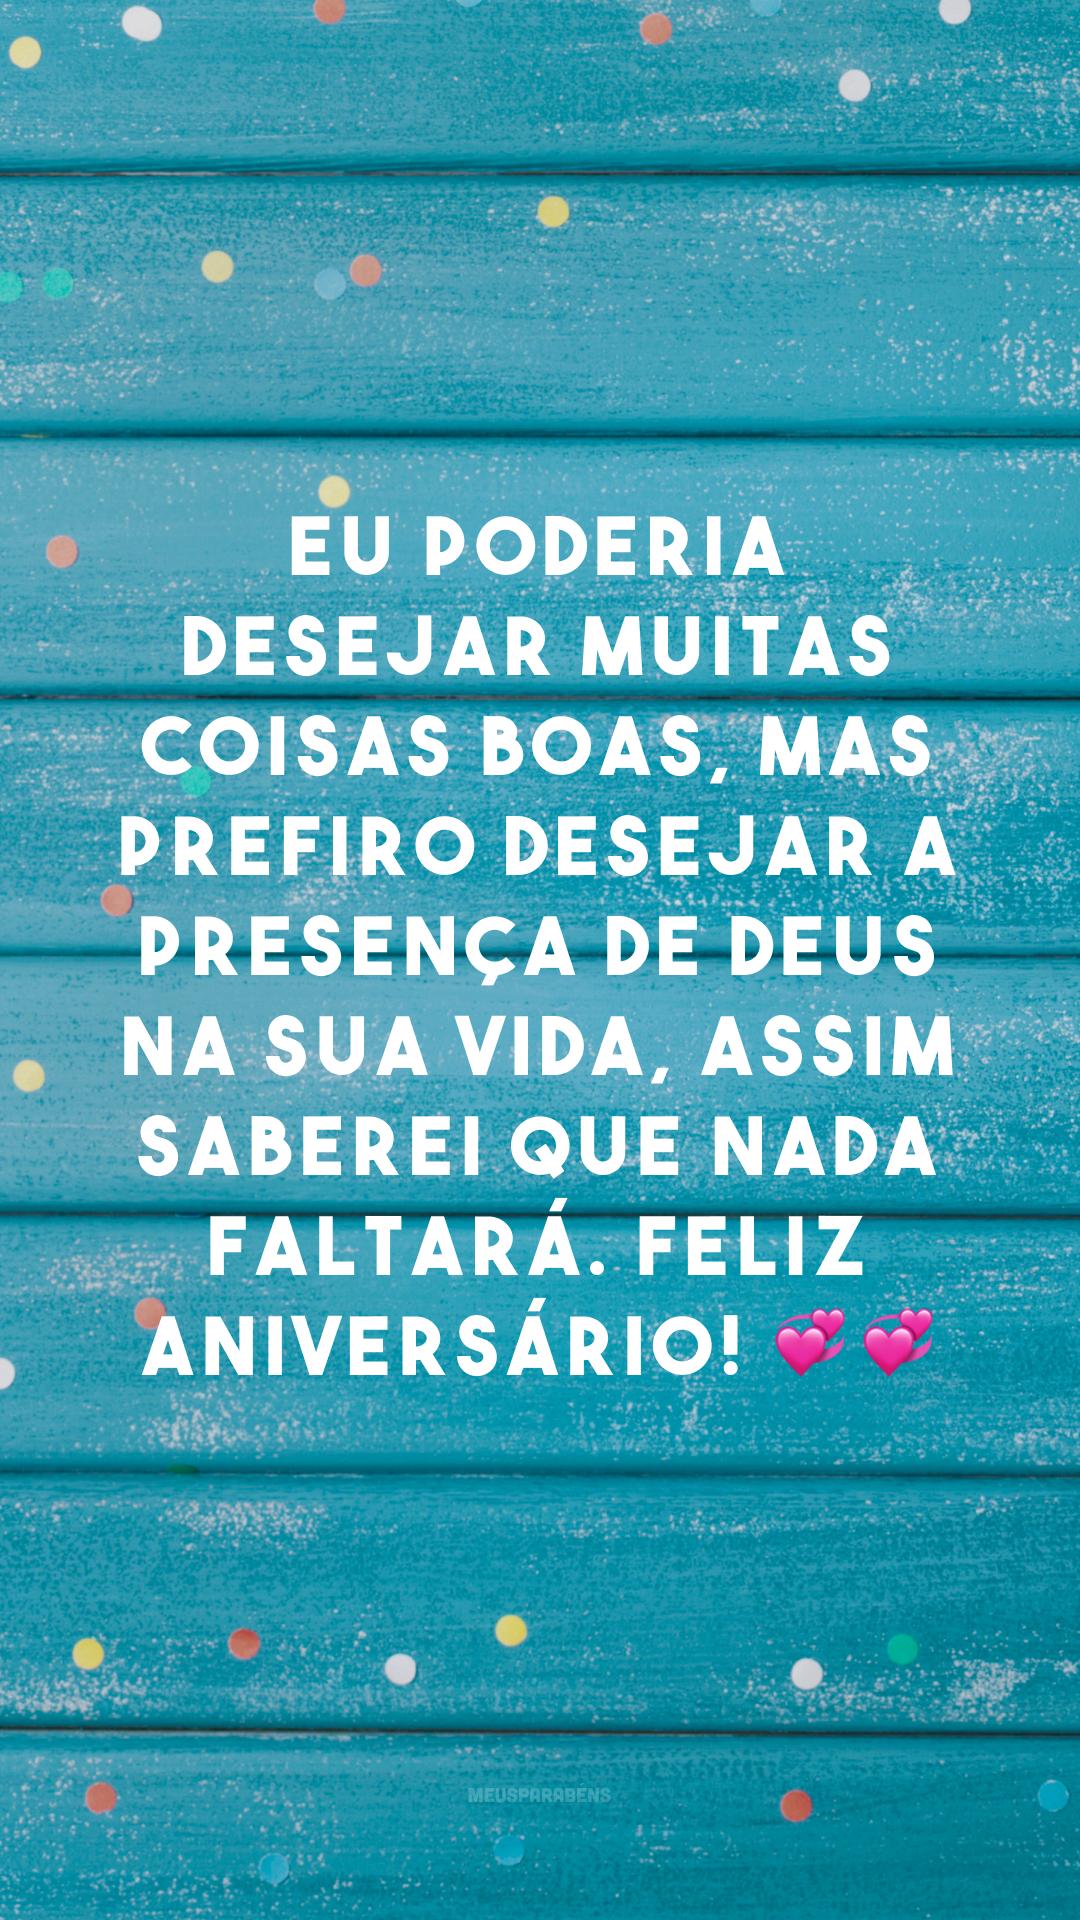 Eu poderia desejar muitas coisas boas, mas prefiro desejar a presença de Deus na sua vida, assim saberei que nada faltará. Feliz aniversário! ??